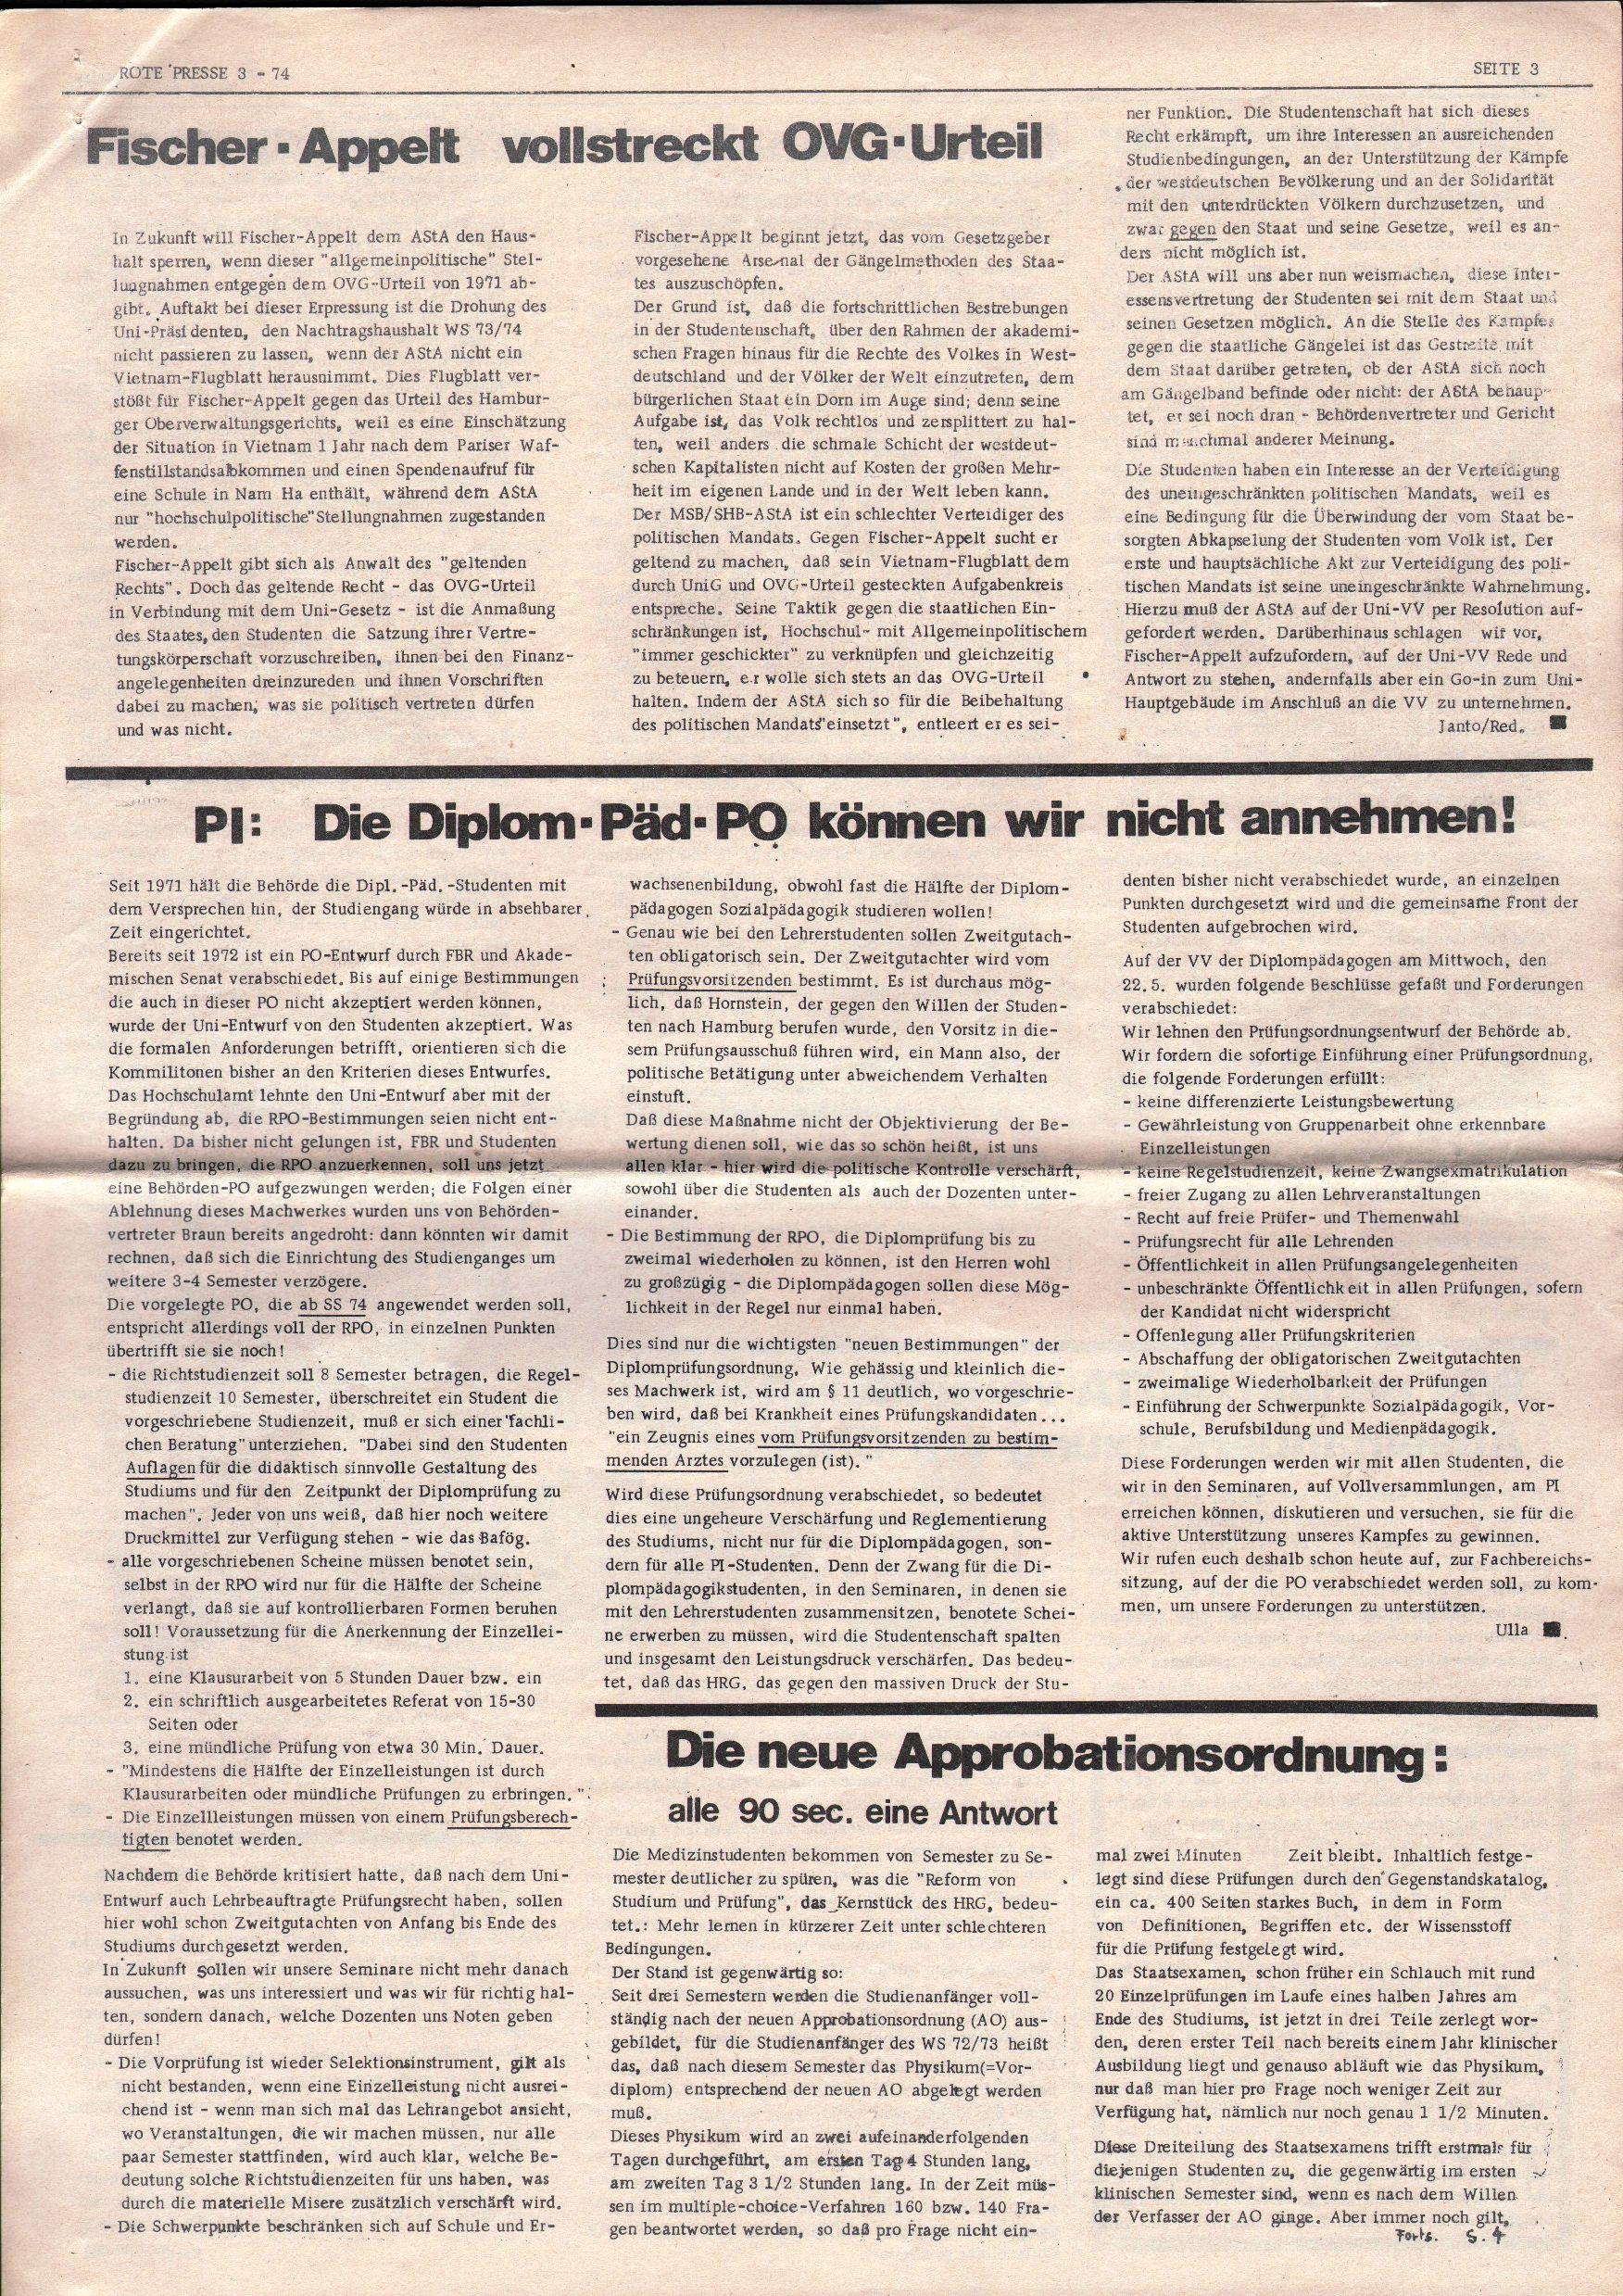 Hamburg_Rote_Presse392